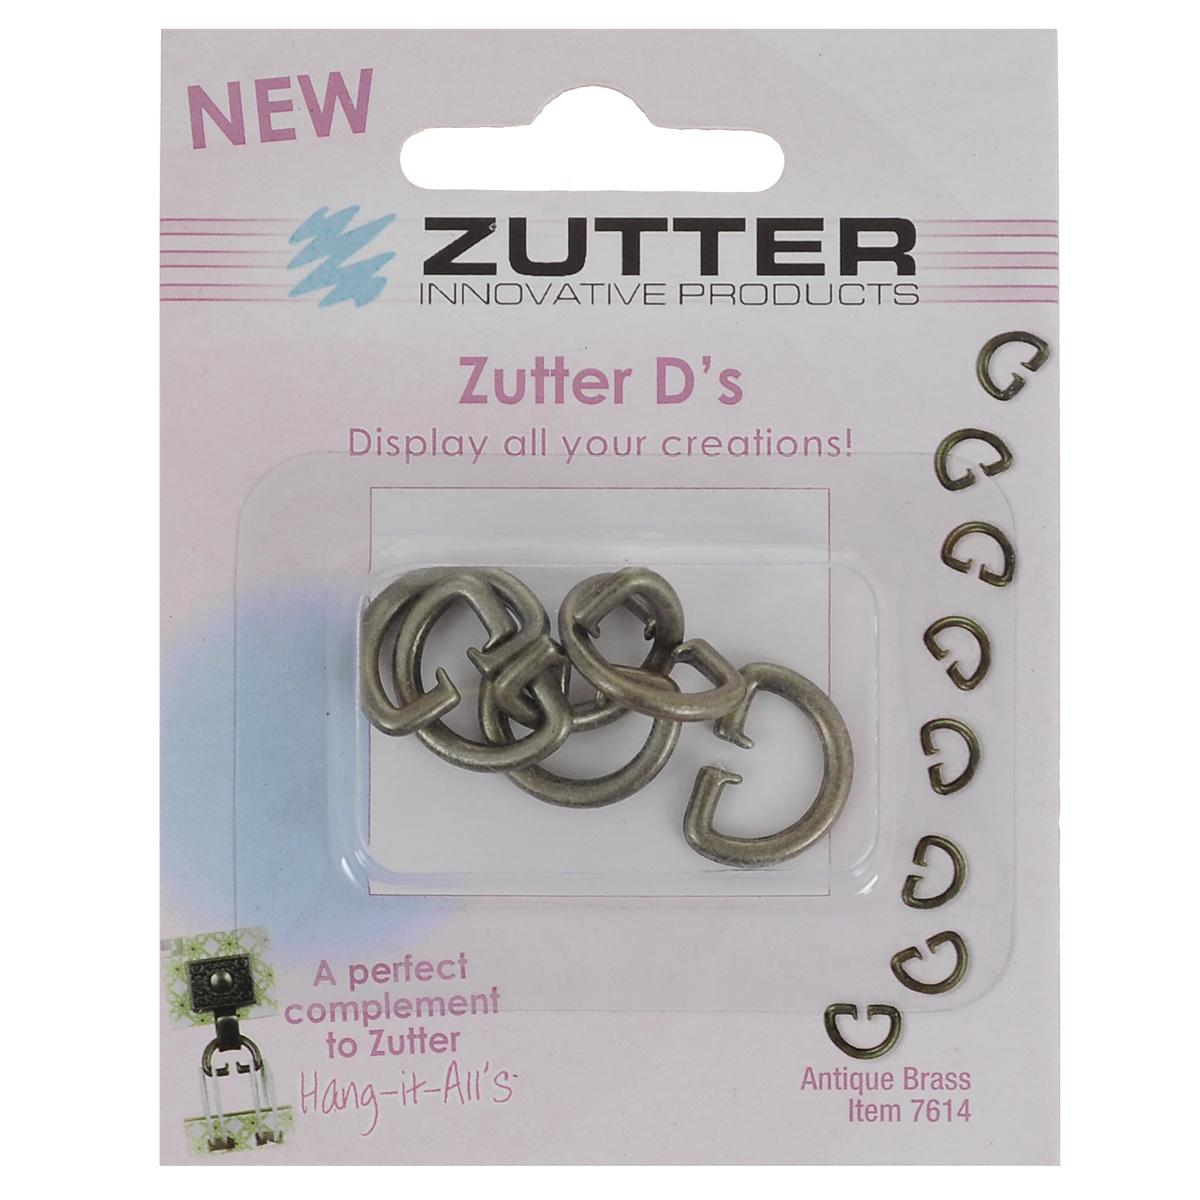 Скобы Zutter для сцепок, цвет: медный, 2 х 1 х 0,2 см, 6 штZUT7614Скобы для сцепки Zutter прекрасно подойдут для работ в технике скрапбукинг. Они изготовлены из металла в виде полукруга и предназначены для прикрепления к пружинке в скрап работах. Скрапбукинг - это хобби, которое способно приносить массу приятных эмоций не только человеку, который этим занимается, но и его близким, друзьям, родным. Это невероятно увлекательное занятие, которое поможет вам сохранить наиболее памятные и яркие моменты вашей жизни, а также интересно оформить интерьер дома.